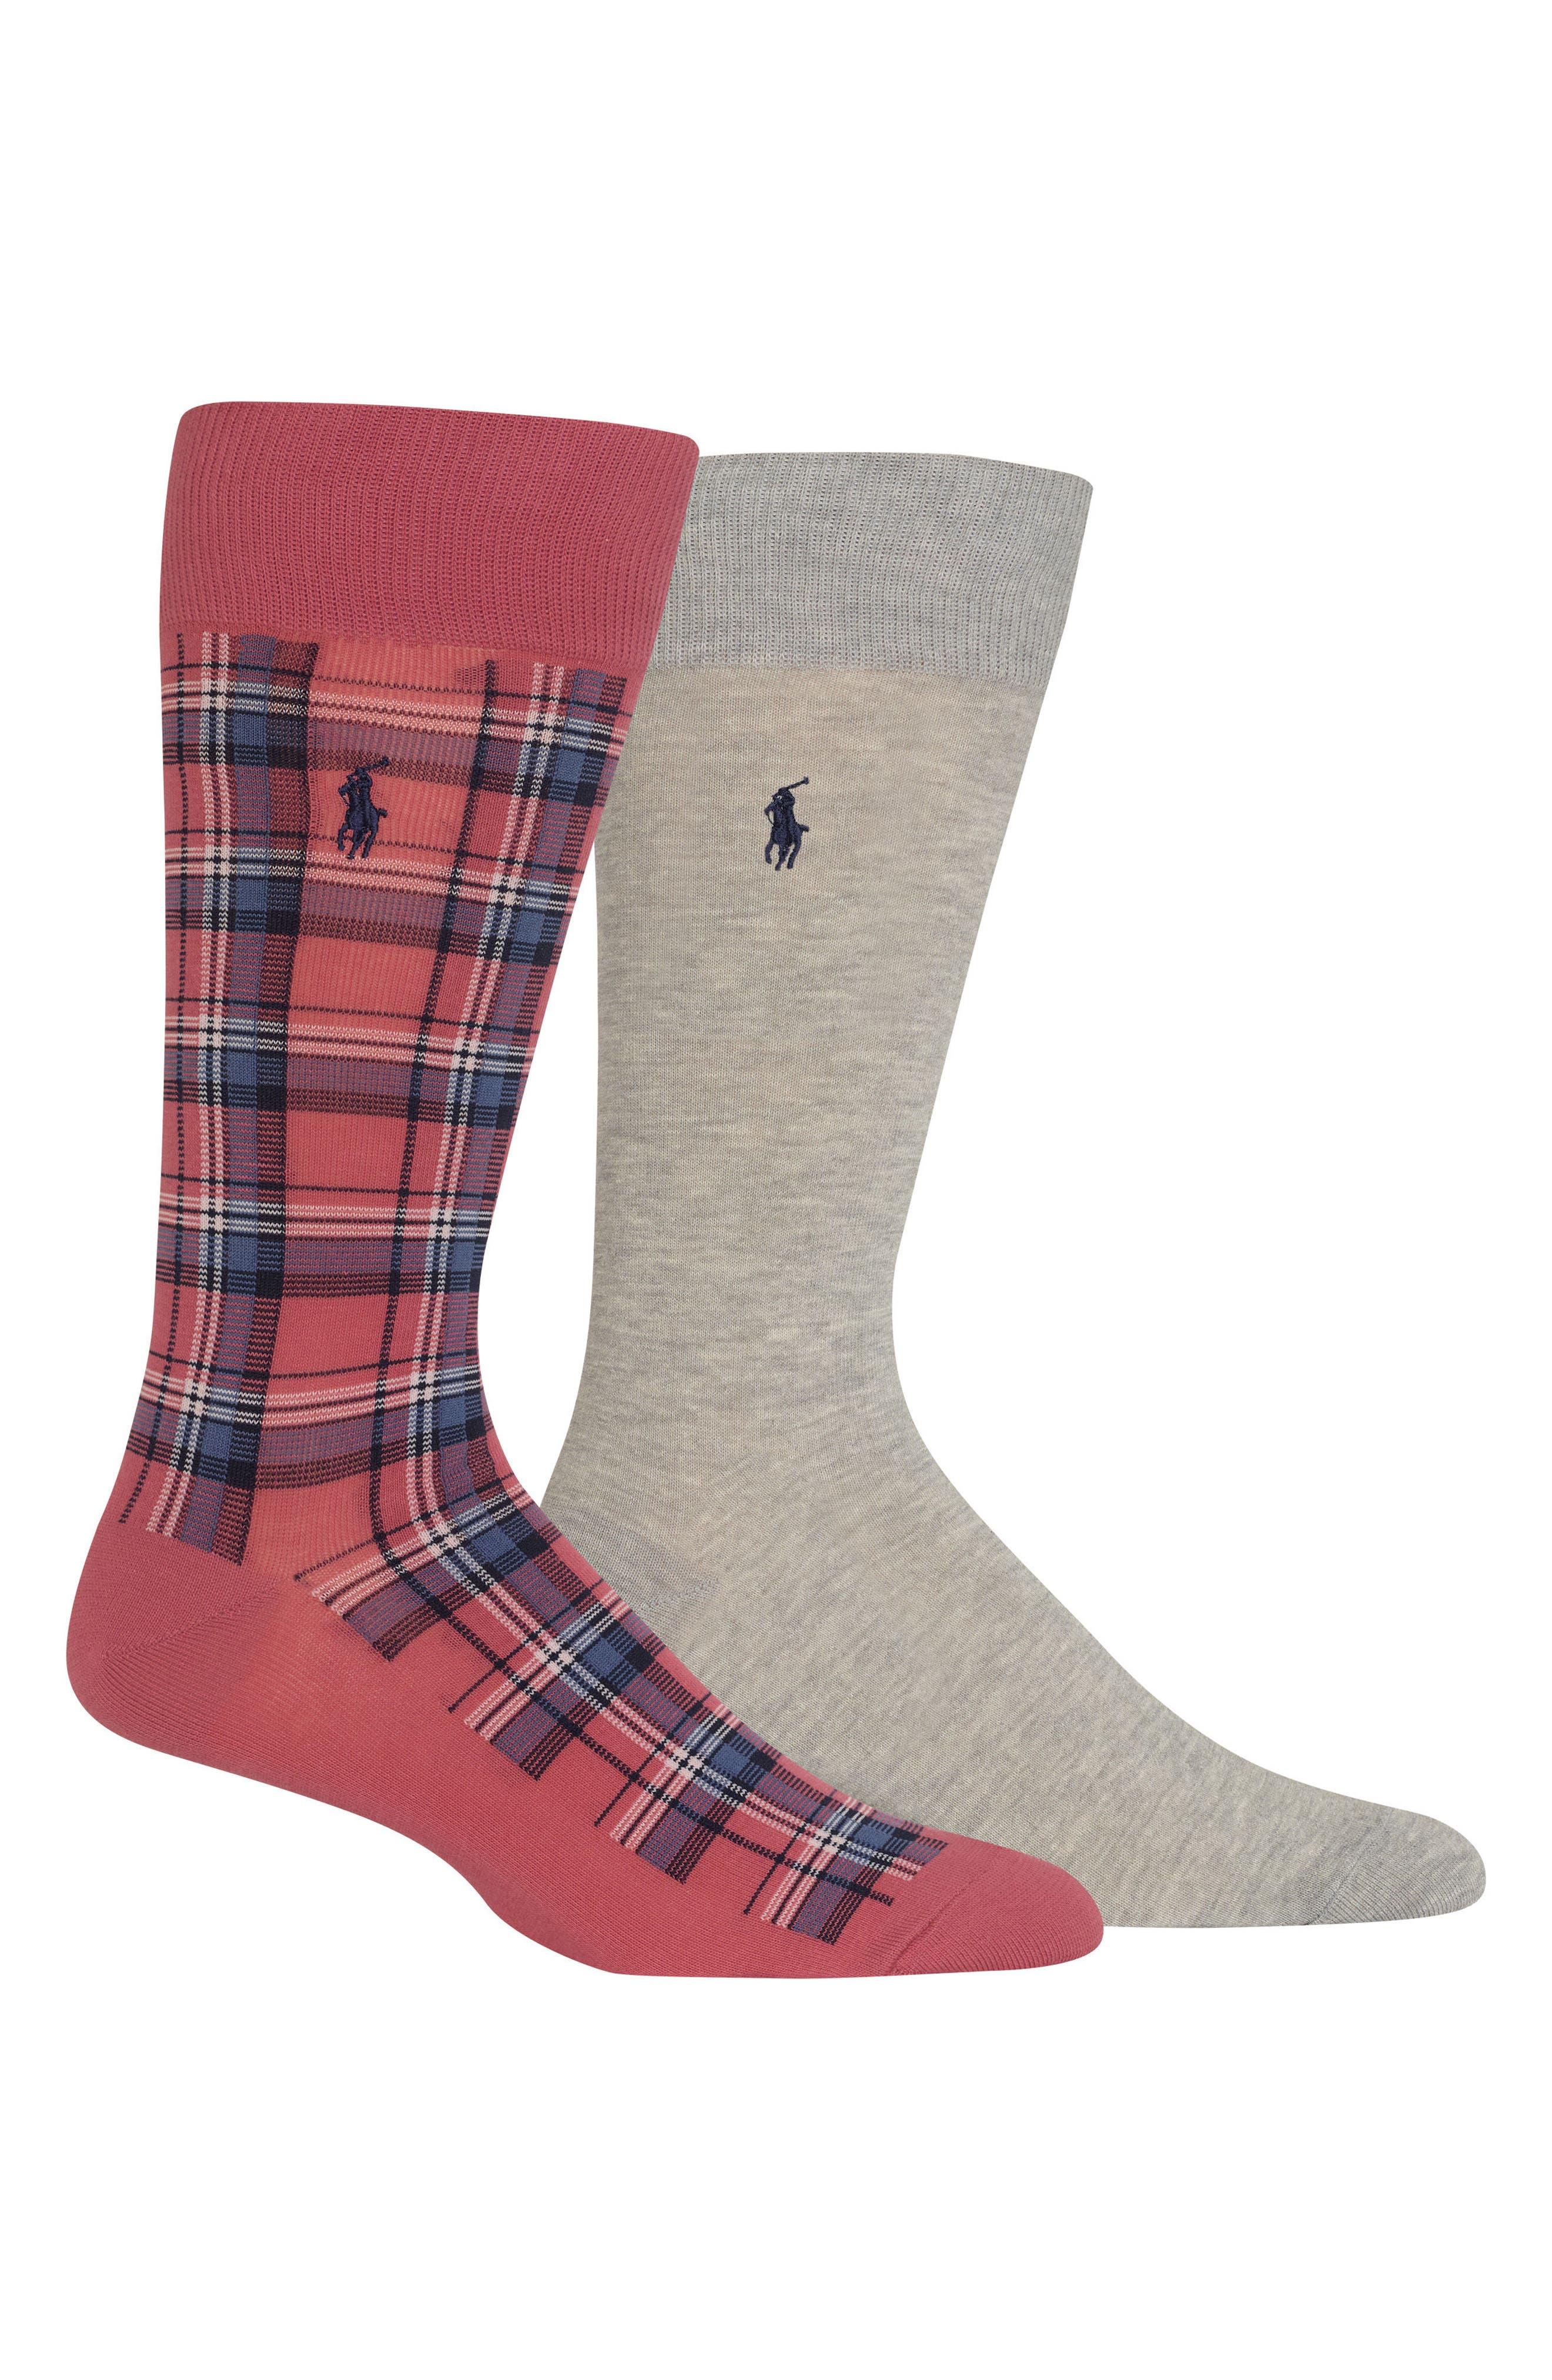 Ralph Lauren 2-Pack Socks,                             Main thumbnail 1, color,                             Red/ Grey